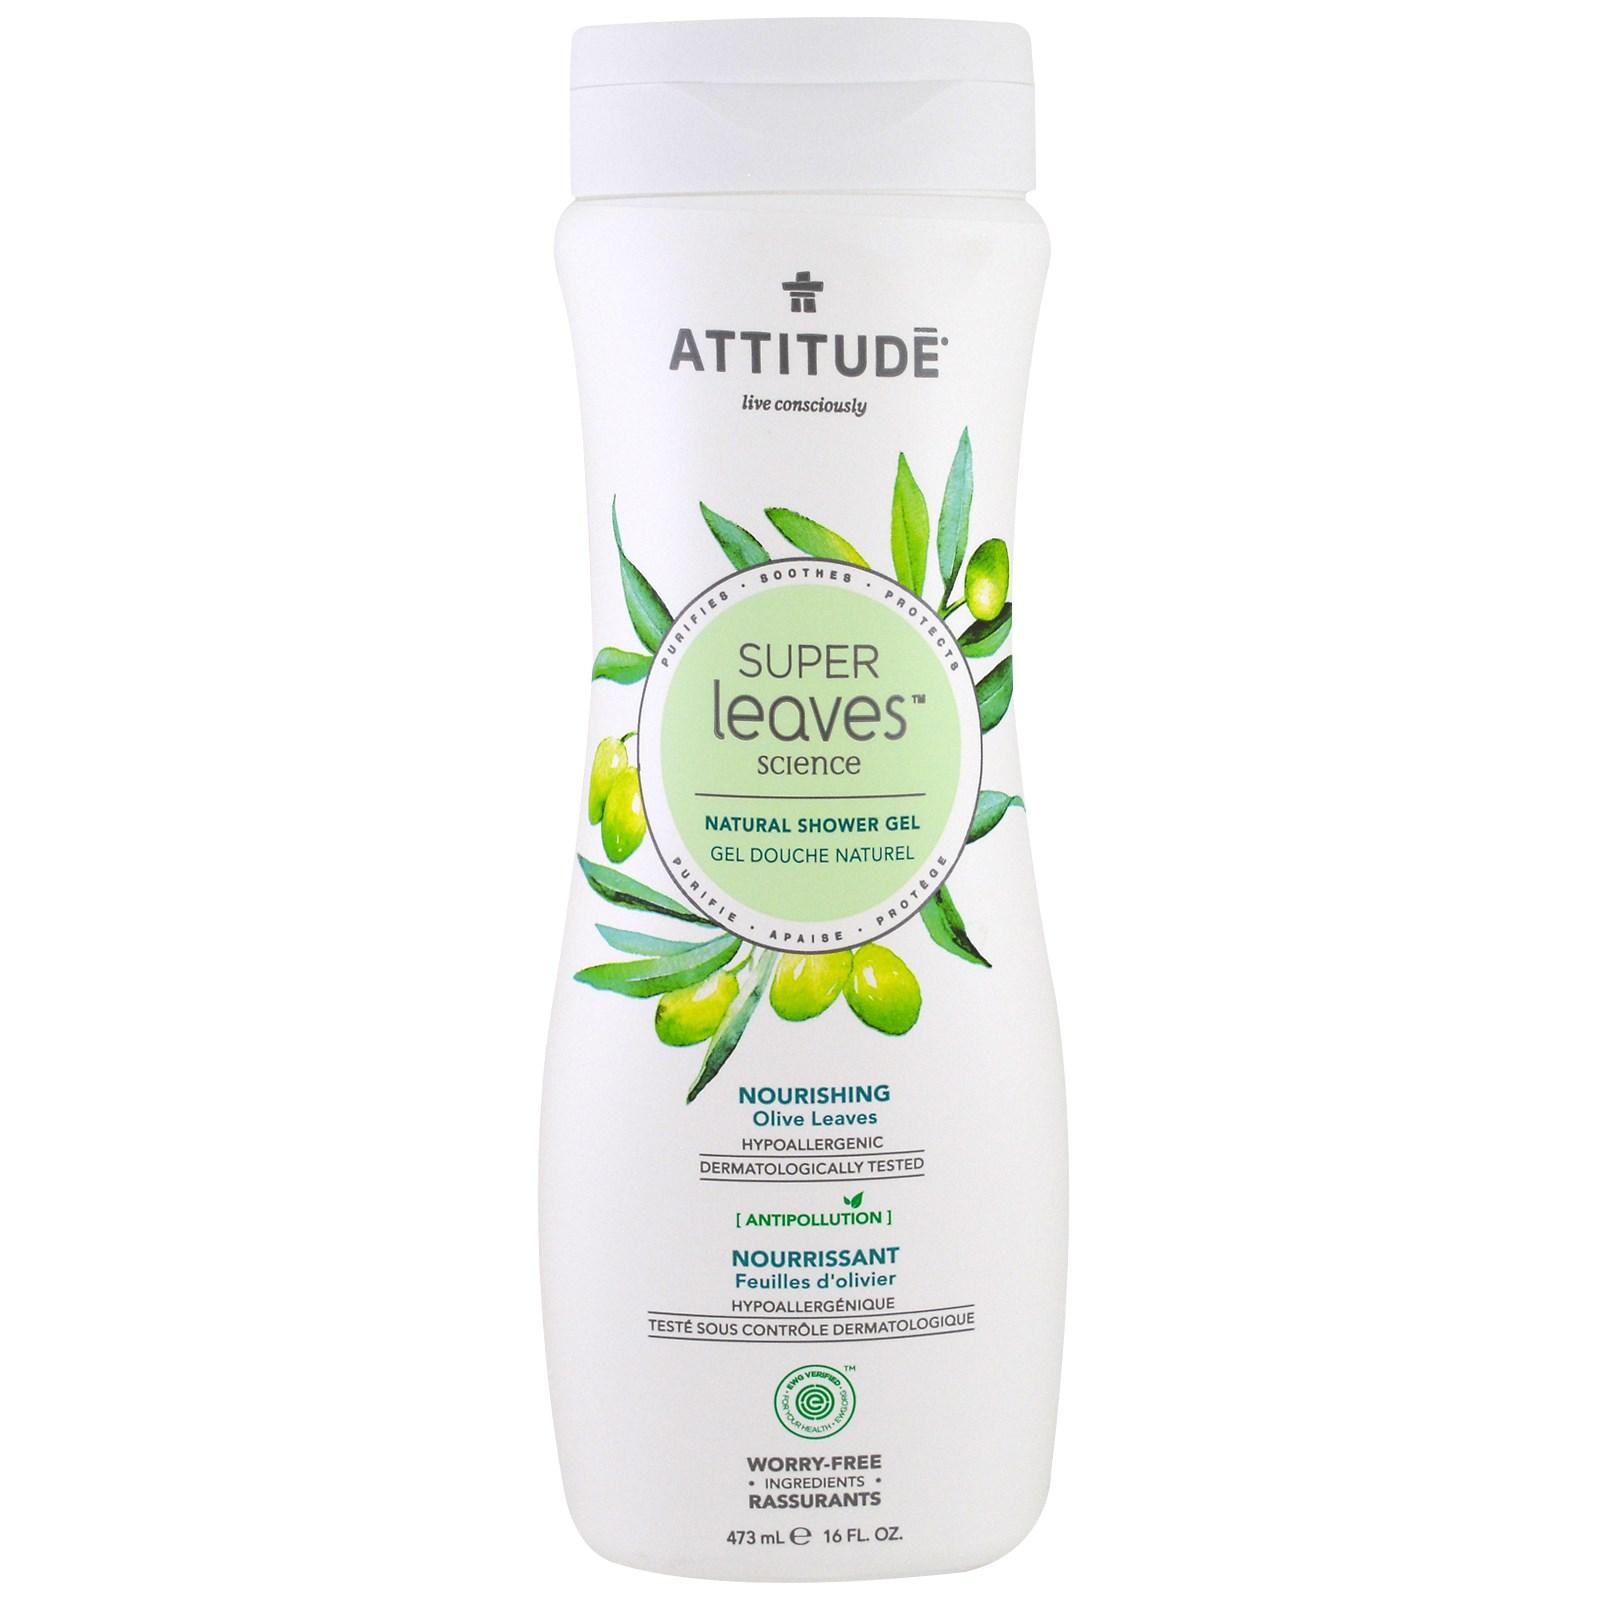 ATTITUDE, Super Leaves Science, натуральный гель для душа, питательный, оливковые листья, 16 унций (473 мл)